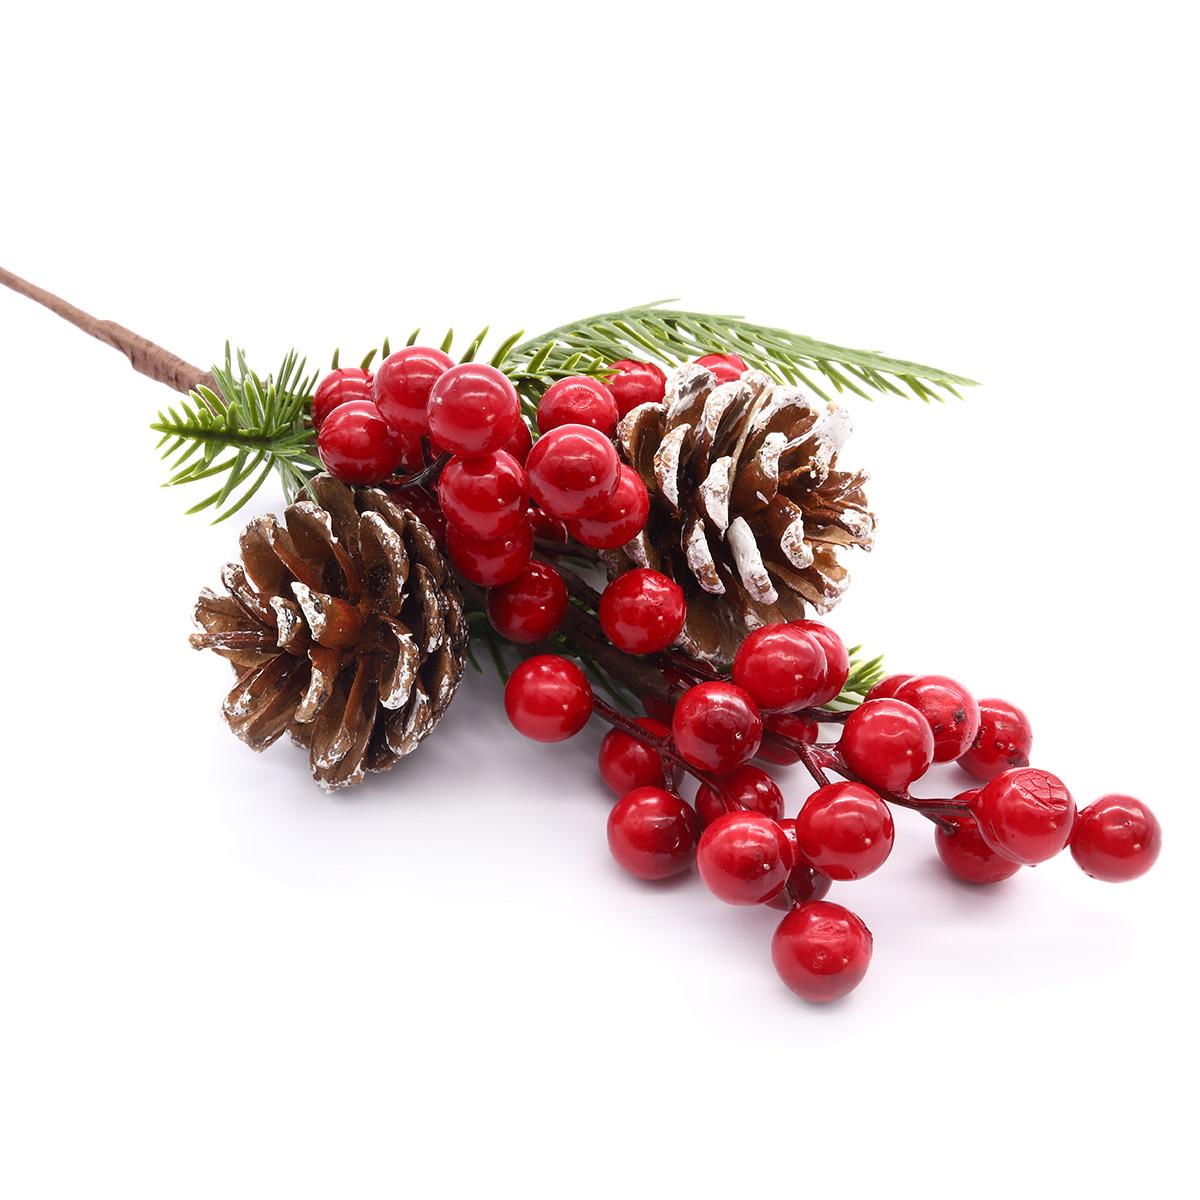 XY19-259 Ветка с красными ягодами, 32см